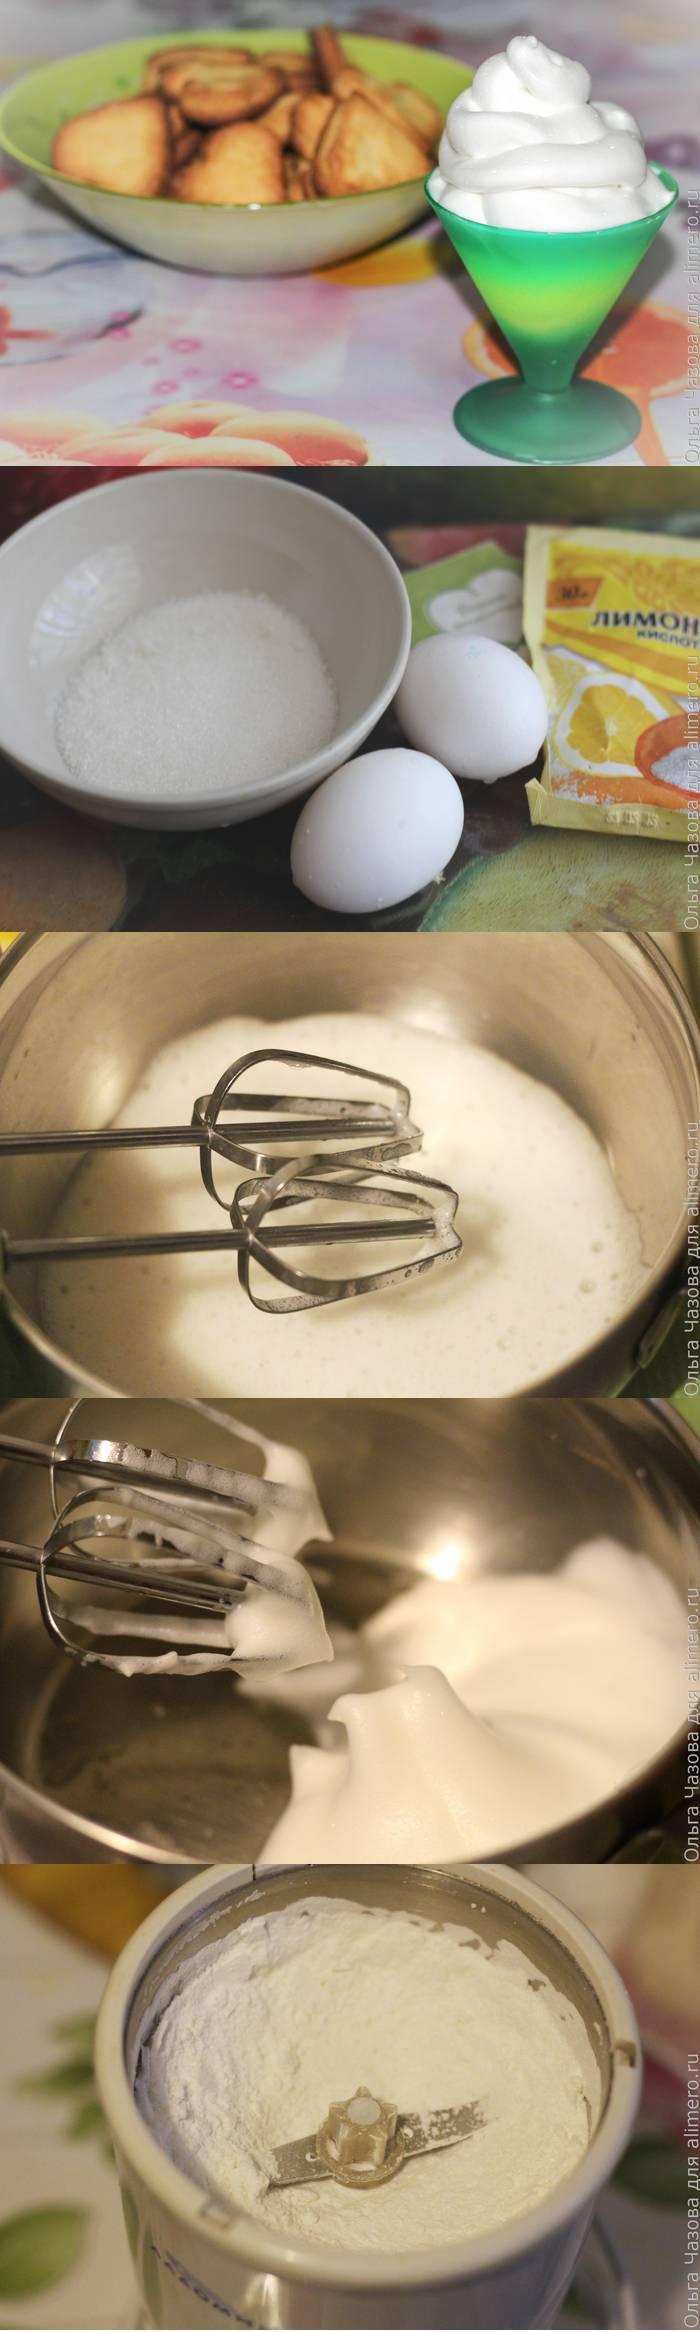 Белковый крем - пошаговый рецепт с фото: как приготовить 57